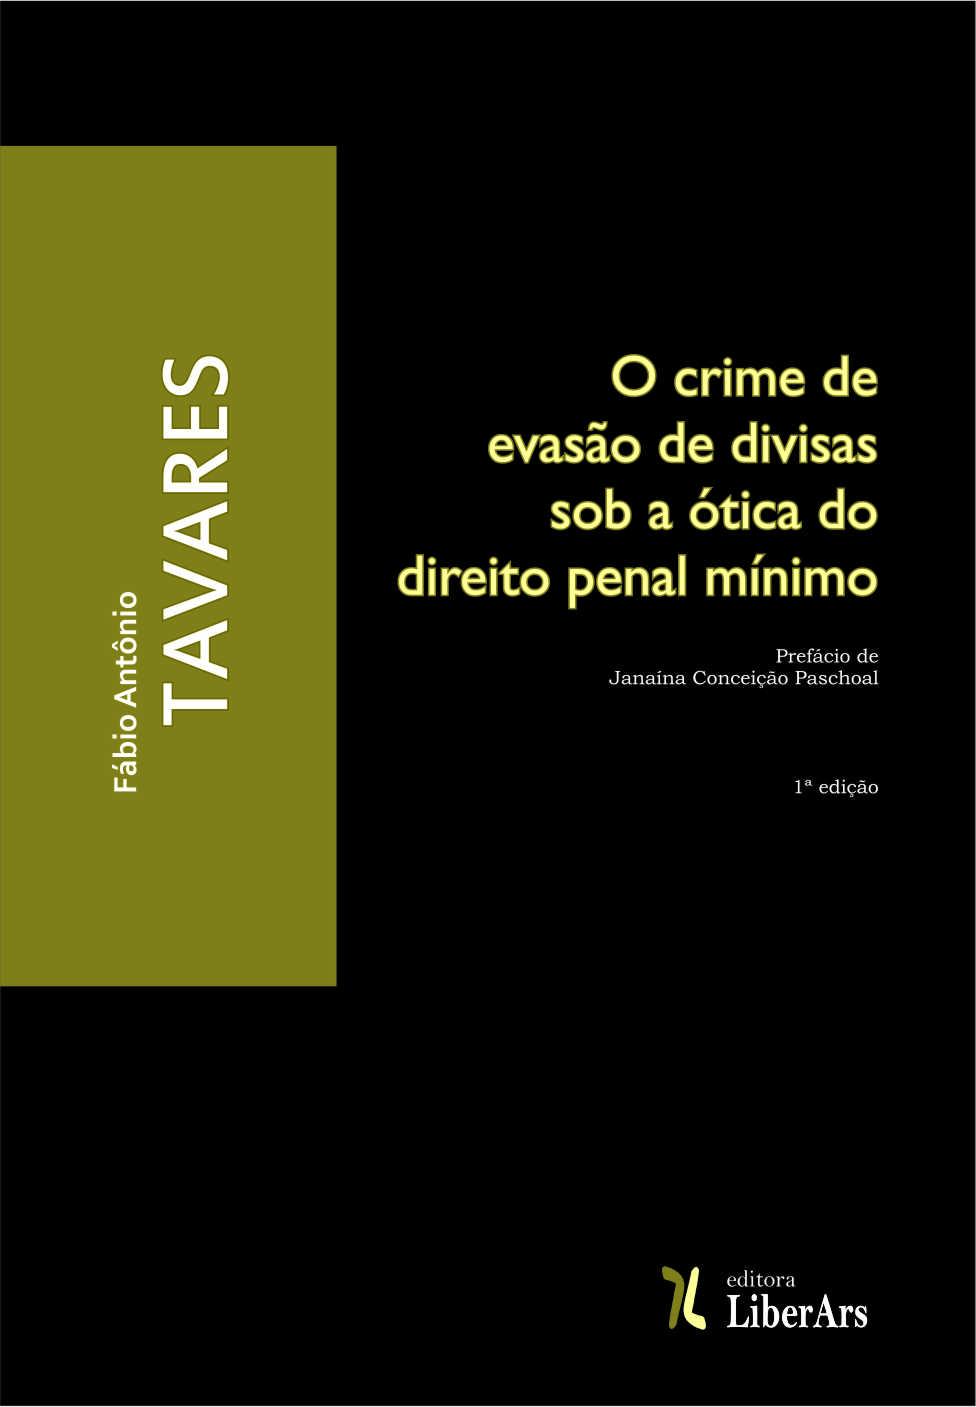 O crime de evasão de divisas sob a ótica do direito penal mínimo, livro de Fábio Antonio Tavares